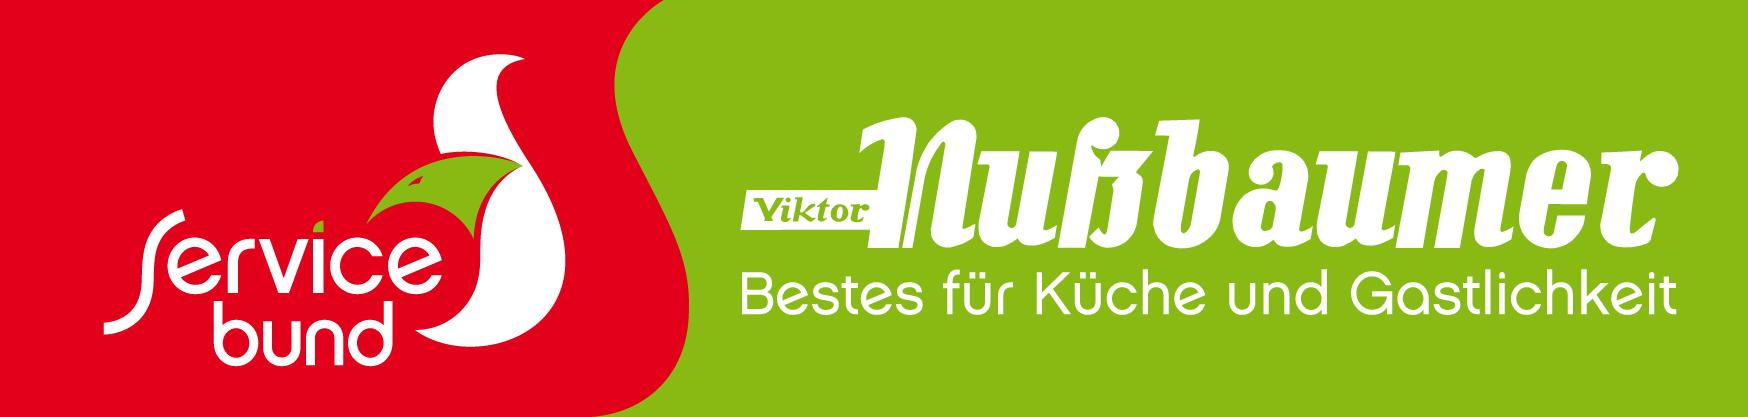 nussbaumer logo